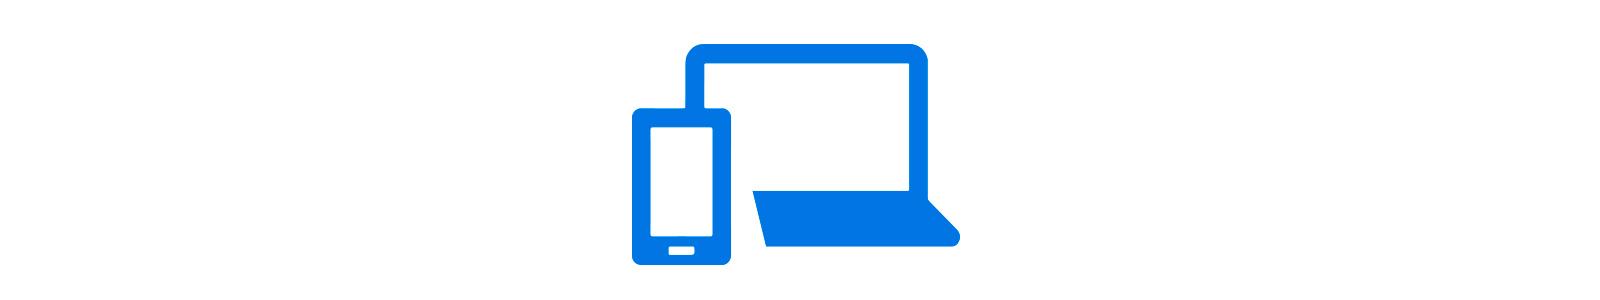 Ikon för Continuum för telefoner